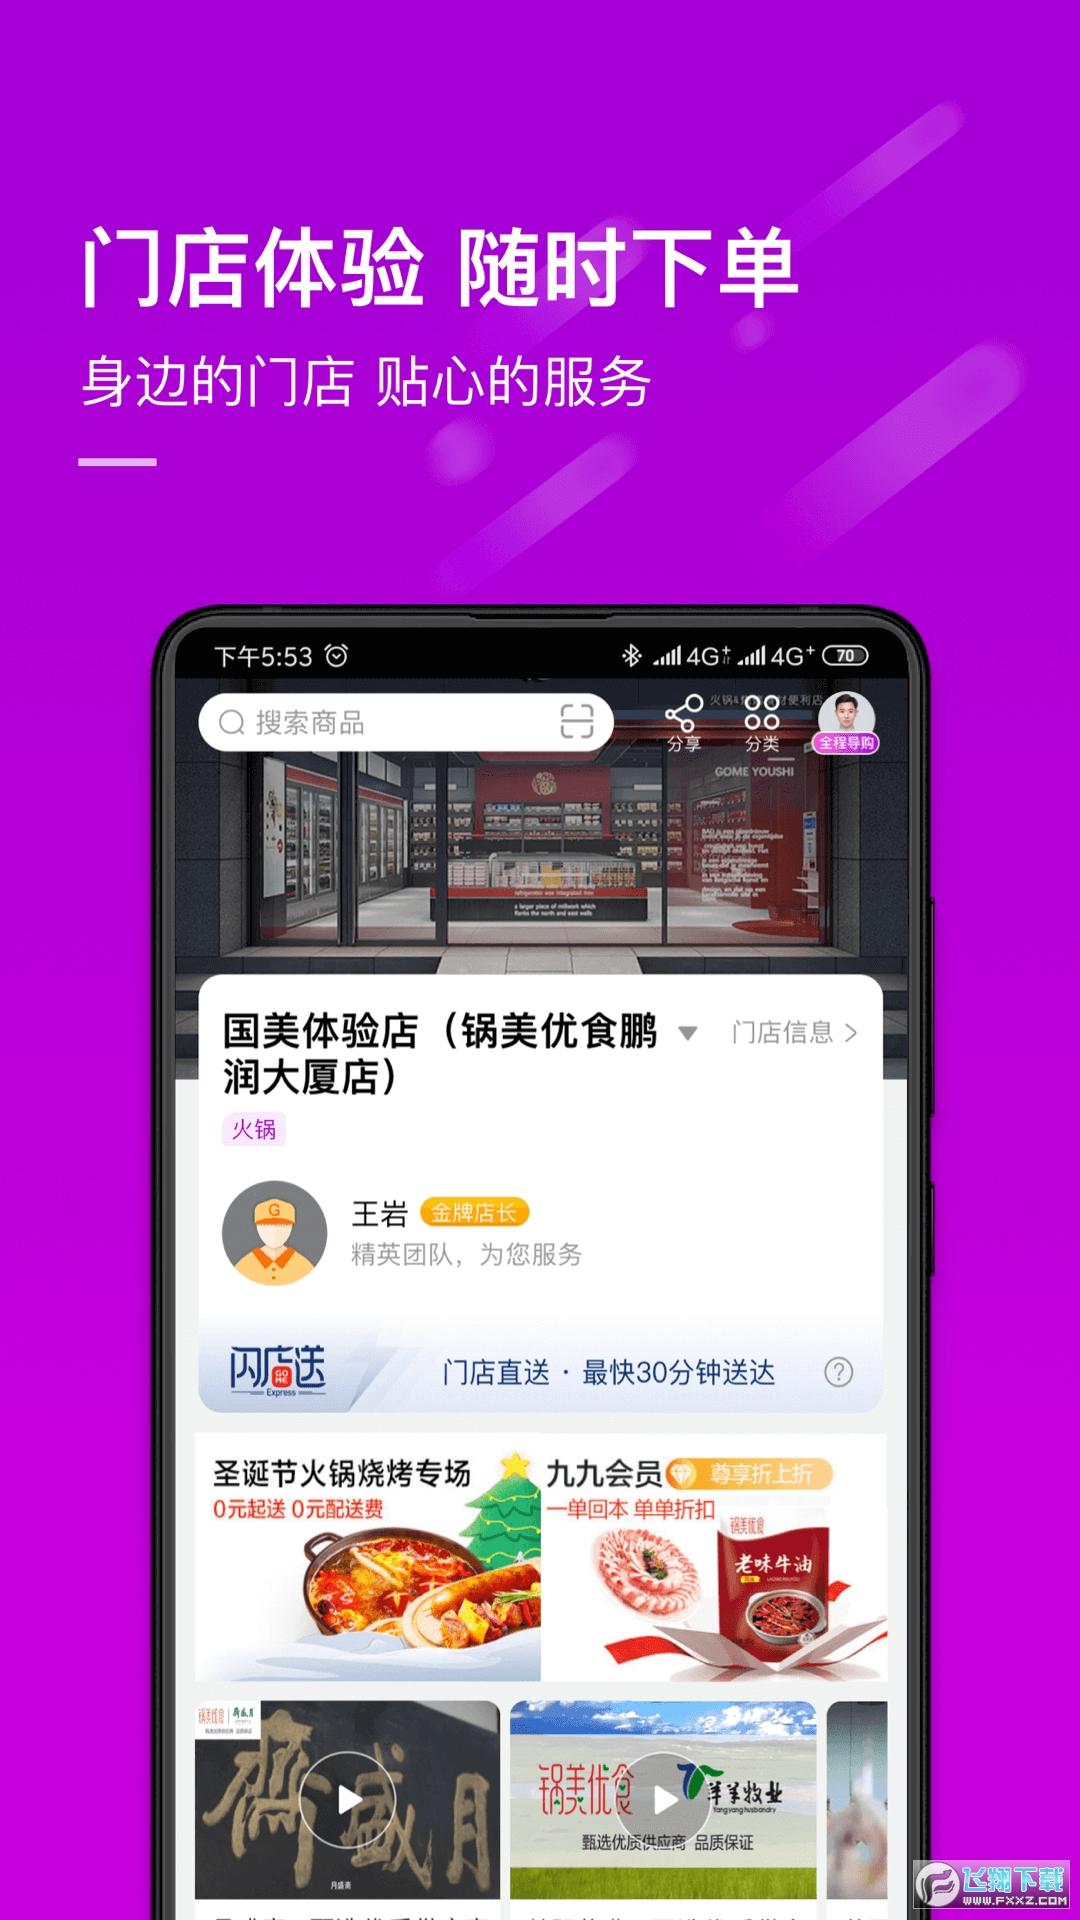 真快乐娱乐社交购物appv8.0.0安卓版截图4